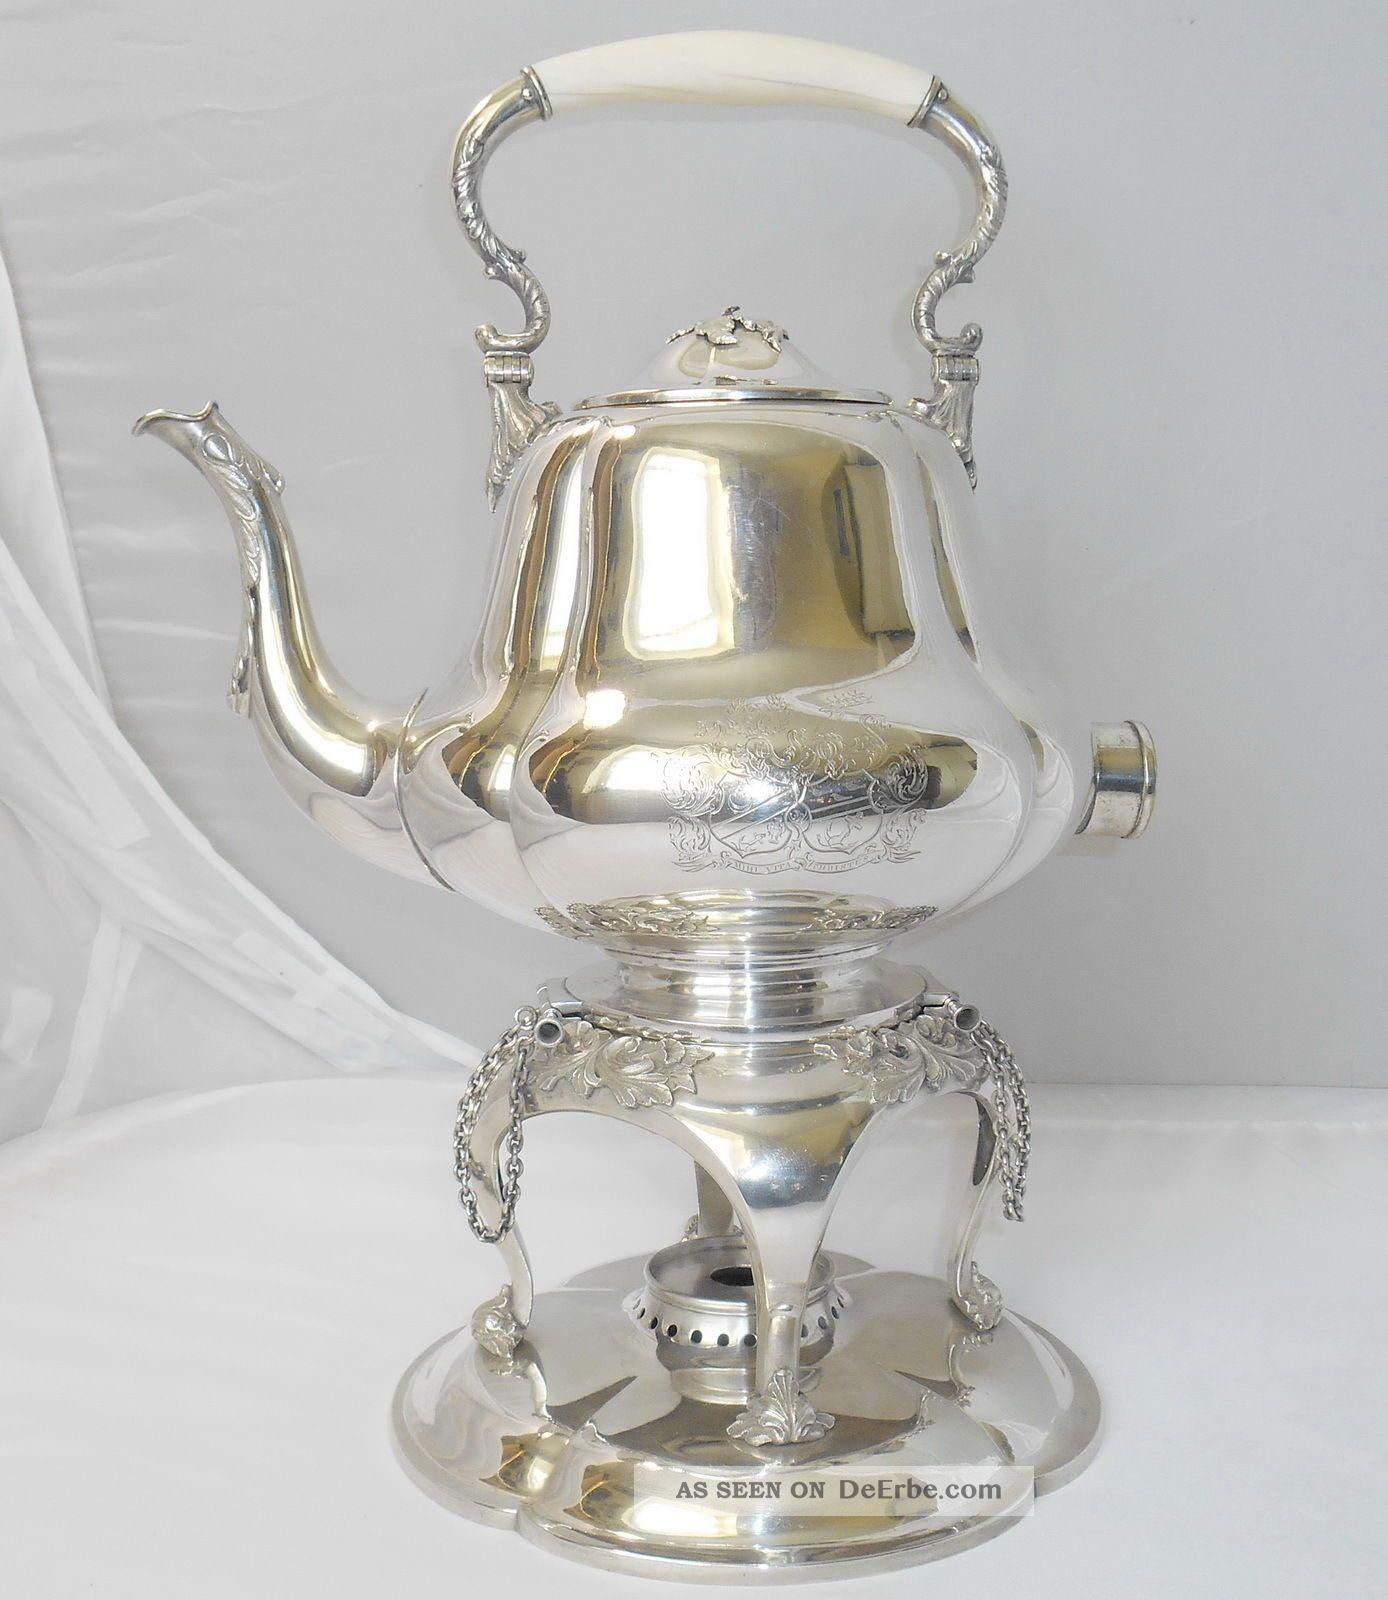 Großer Rokoko Wasserkessel Teekessel Mit Rechaud Aus Silber. Objekte vor 1945 Bild